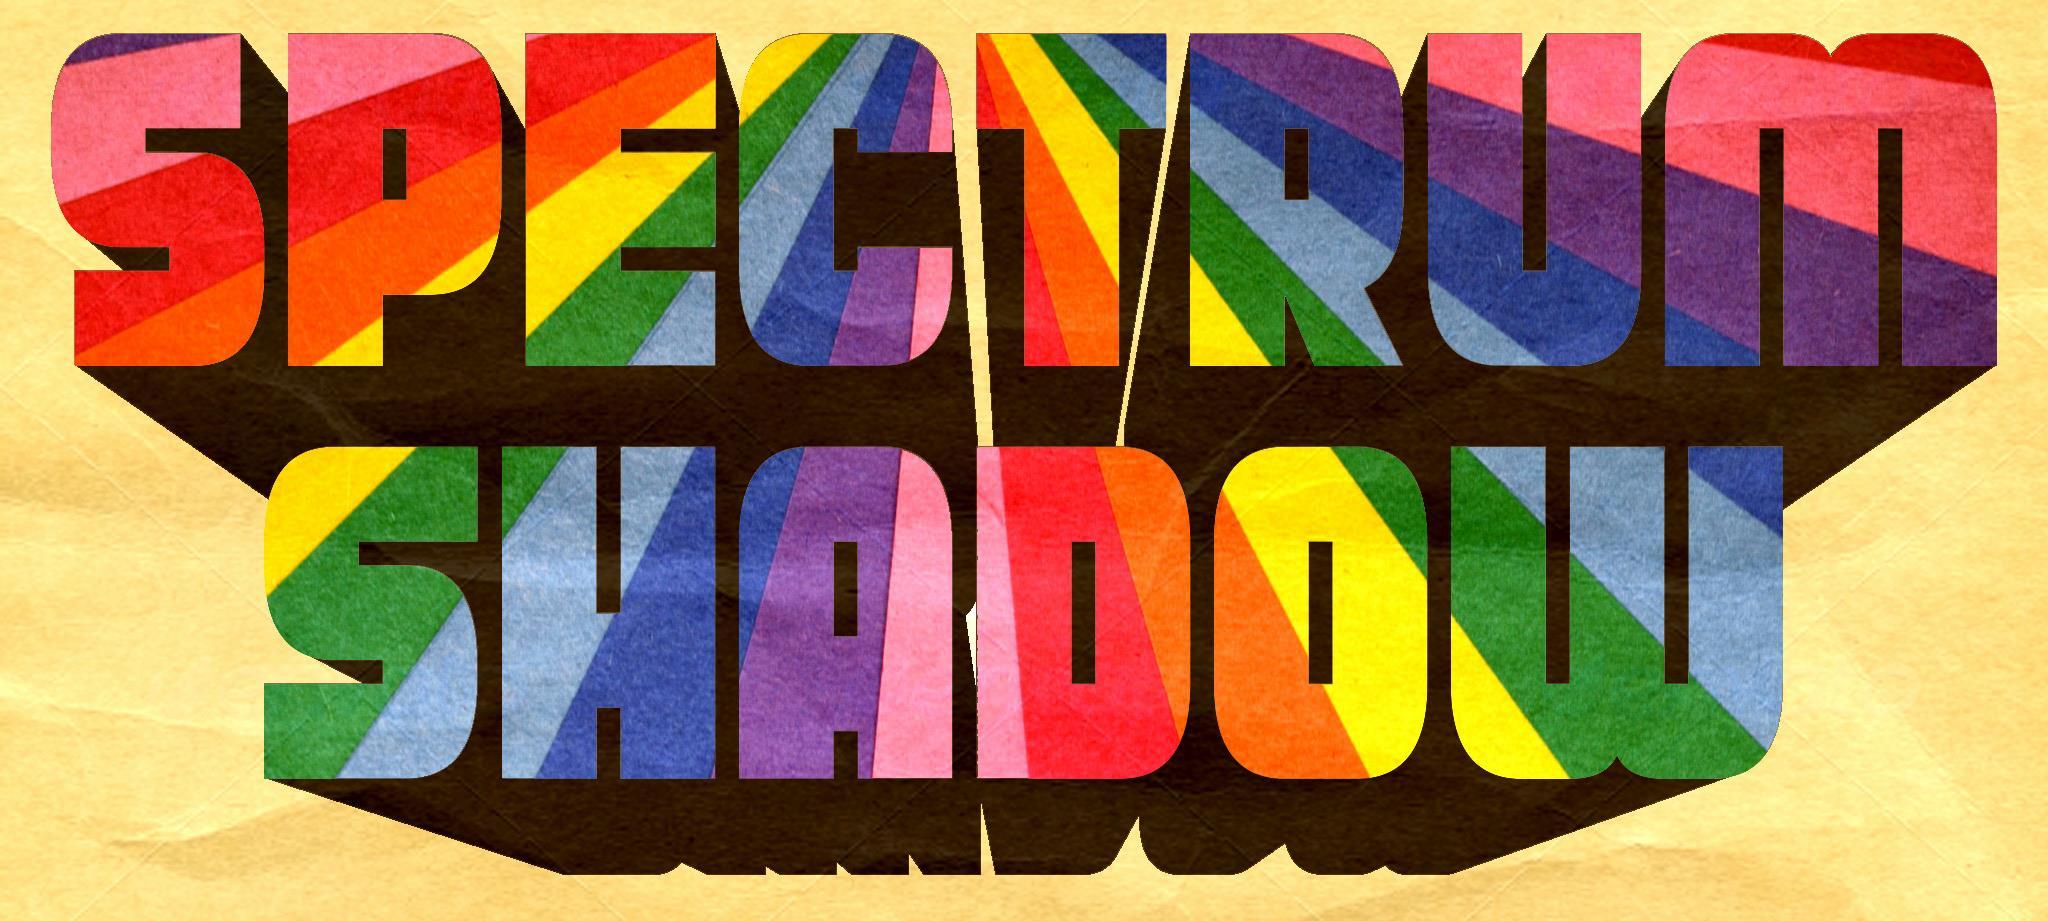 Spectrum Shadow - Vintage Funk